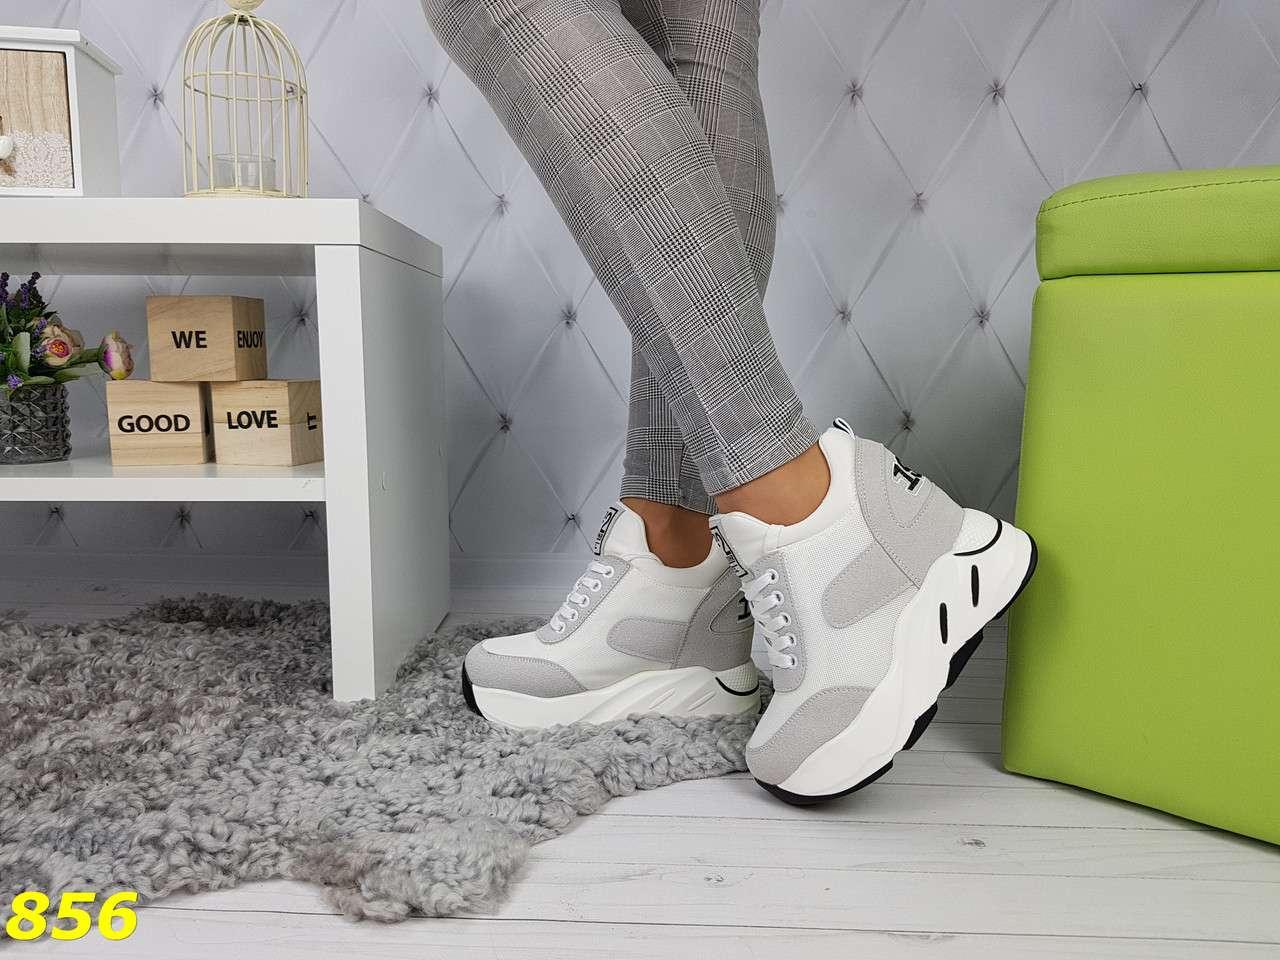 Сникерсы кроссовки на высокой платформе с танкеткой бело-серые